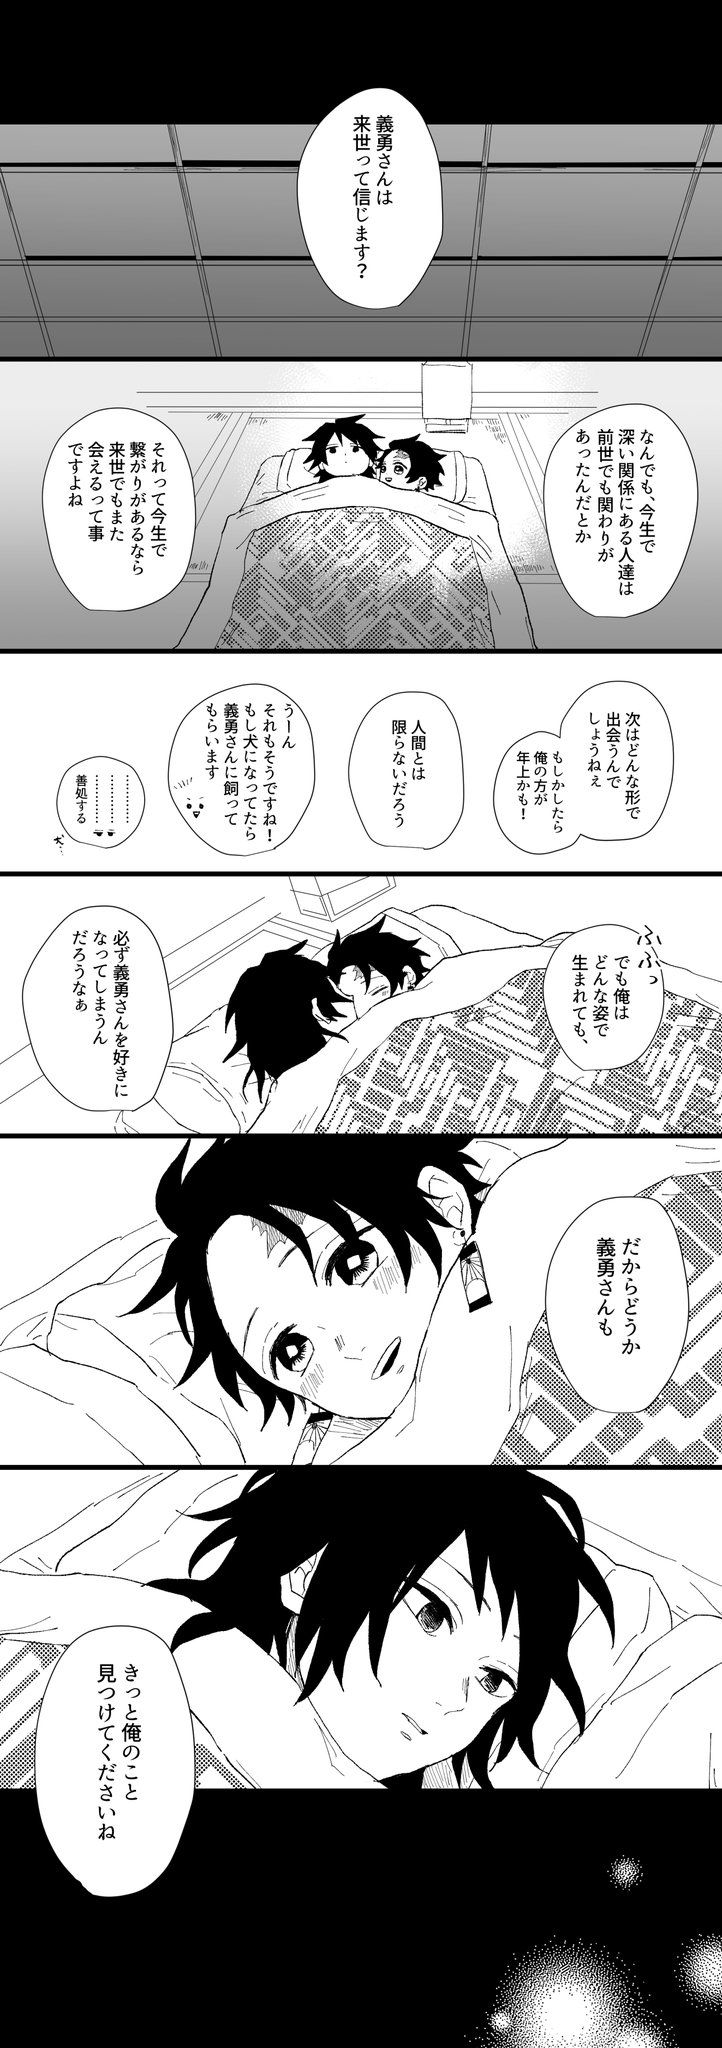 一ノ瀬 on twitter 一ノ瀬 漫画 義